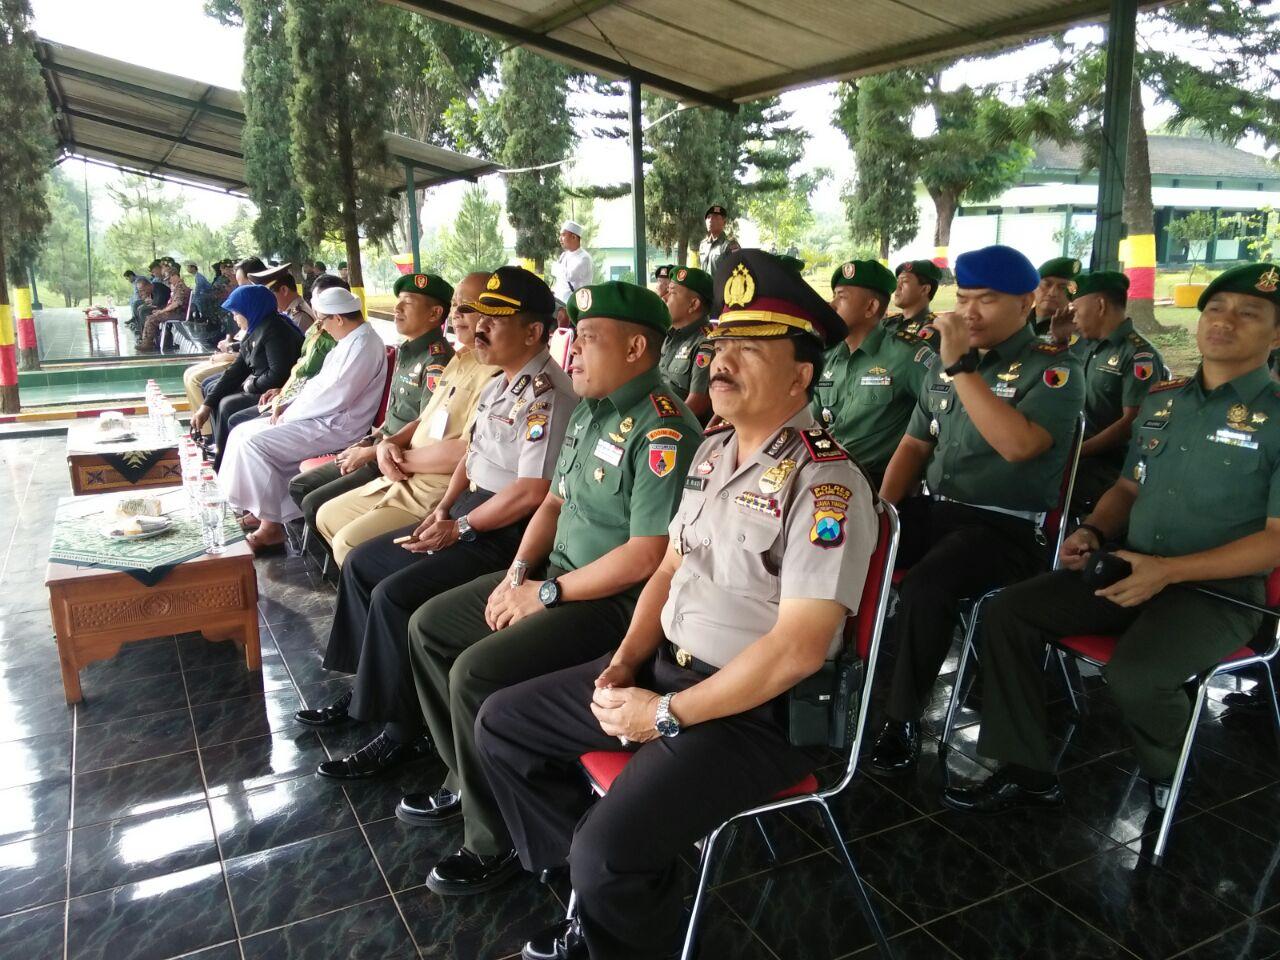 Polres Batu Menghadiri Undangan Korem 083 Baladika Jaya  Dalam Rangka Pembukaan Sahabat Sejati Tahun 2017